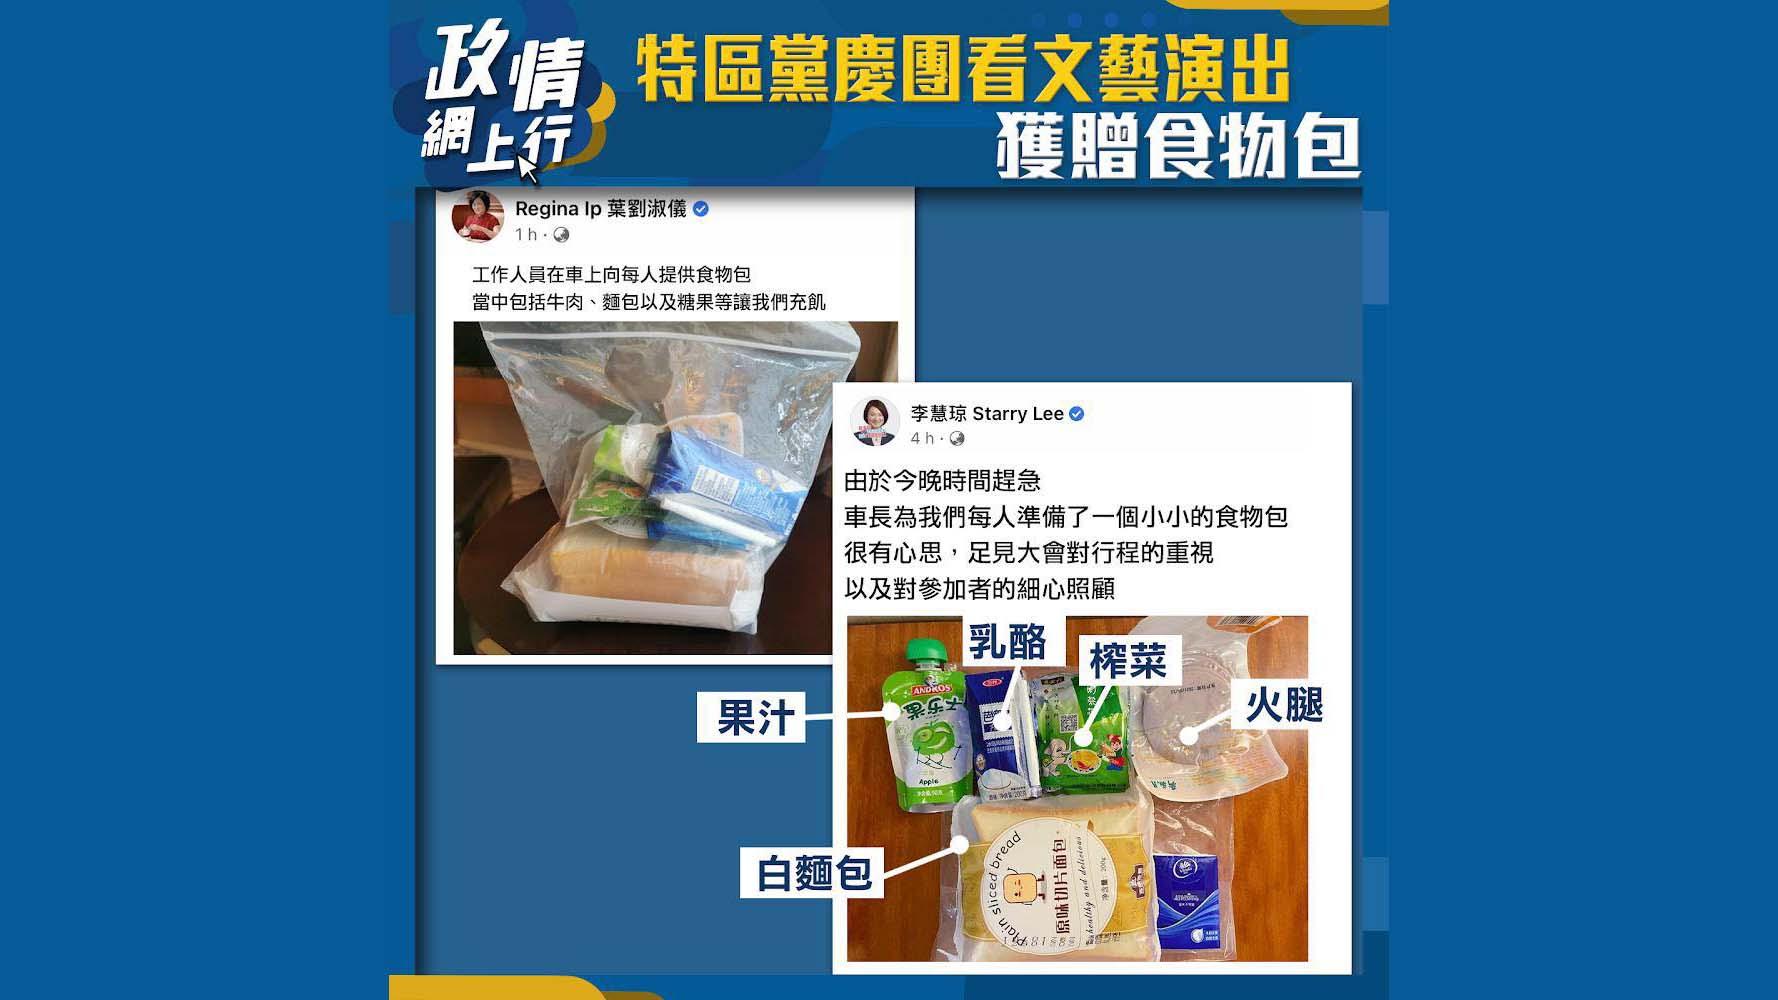 【政情網上行】特區黨慶團看文藝演出  獲贈食物包